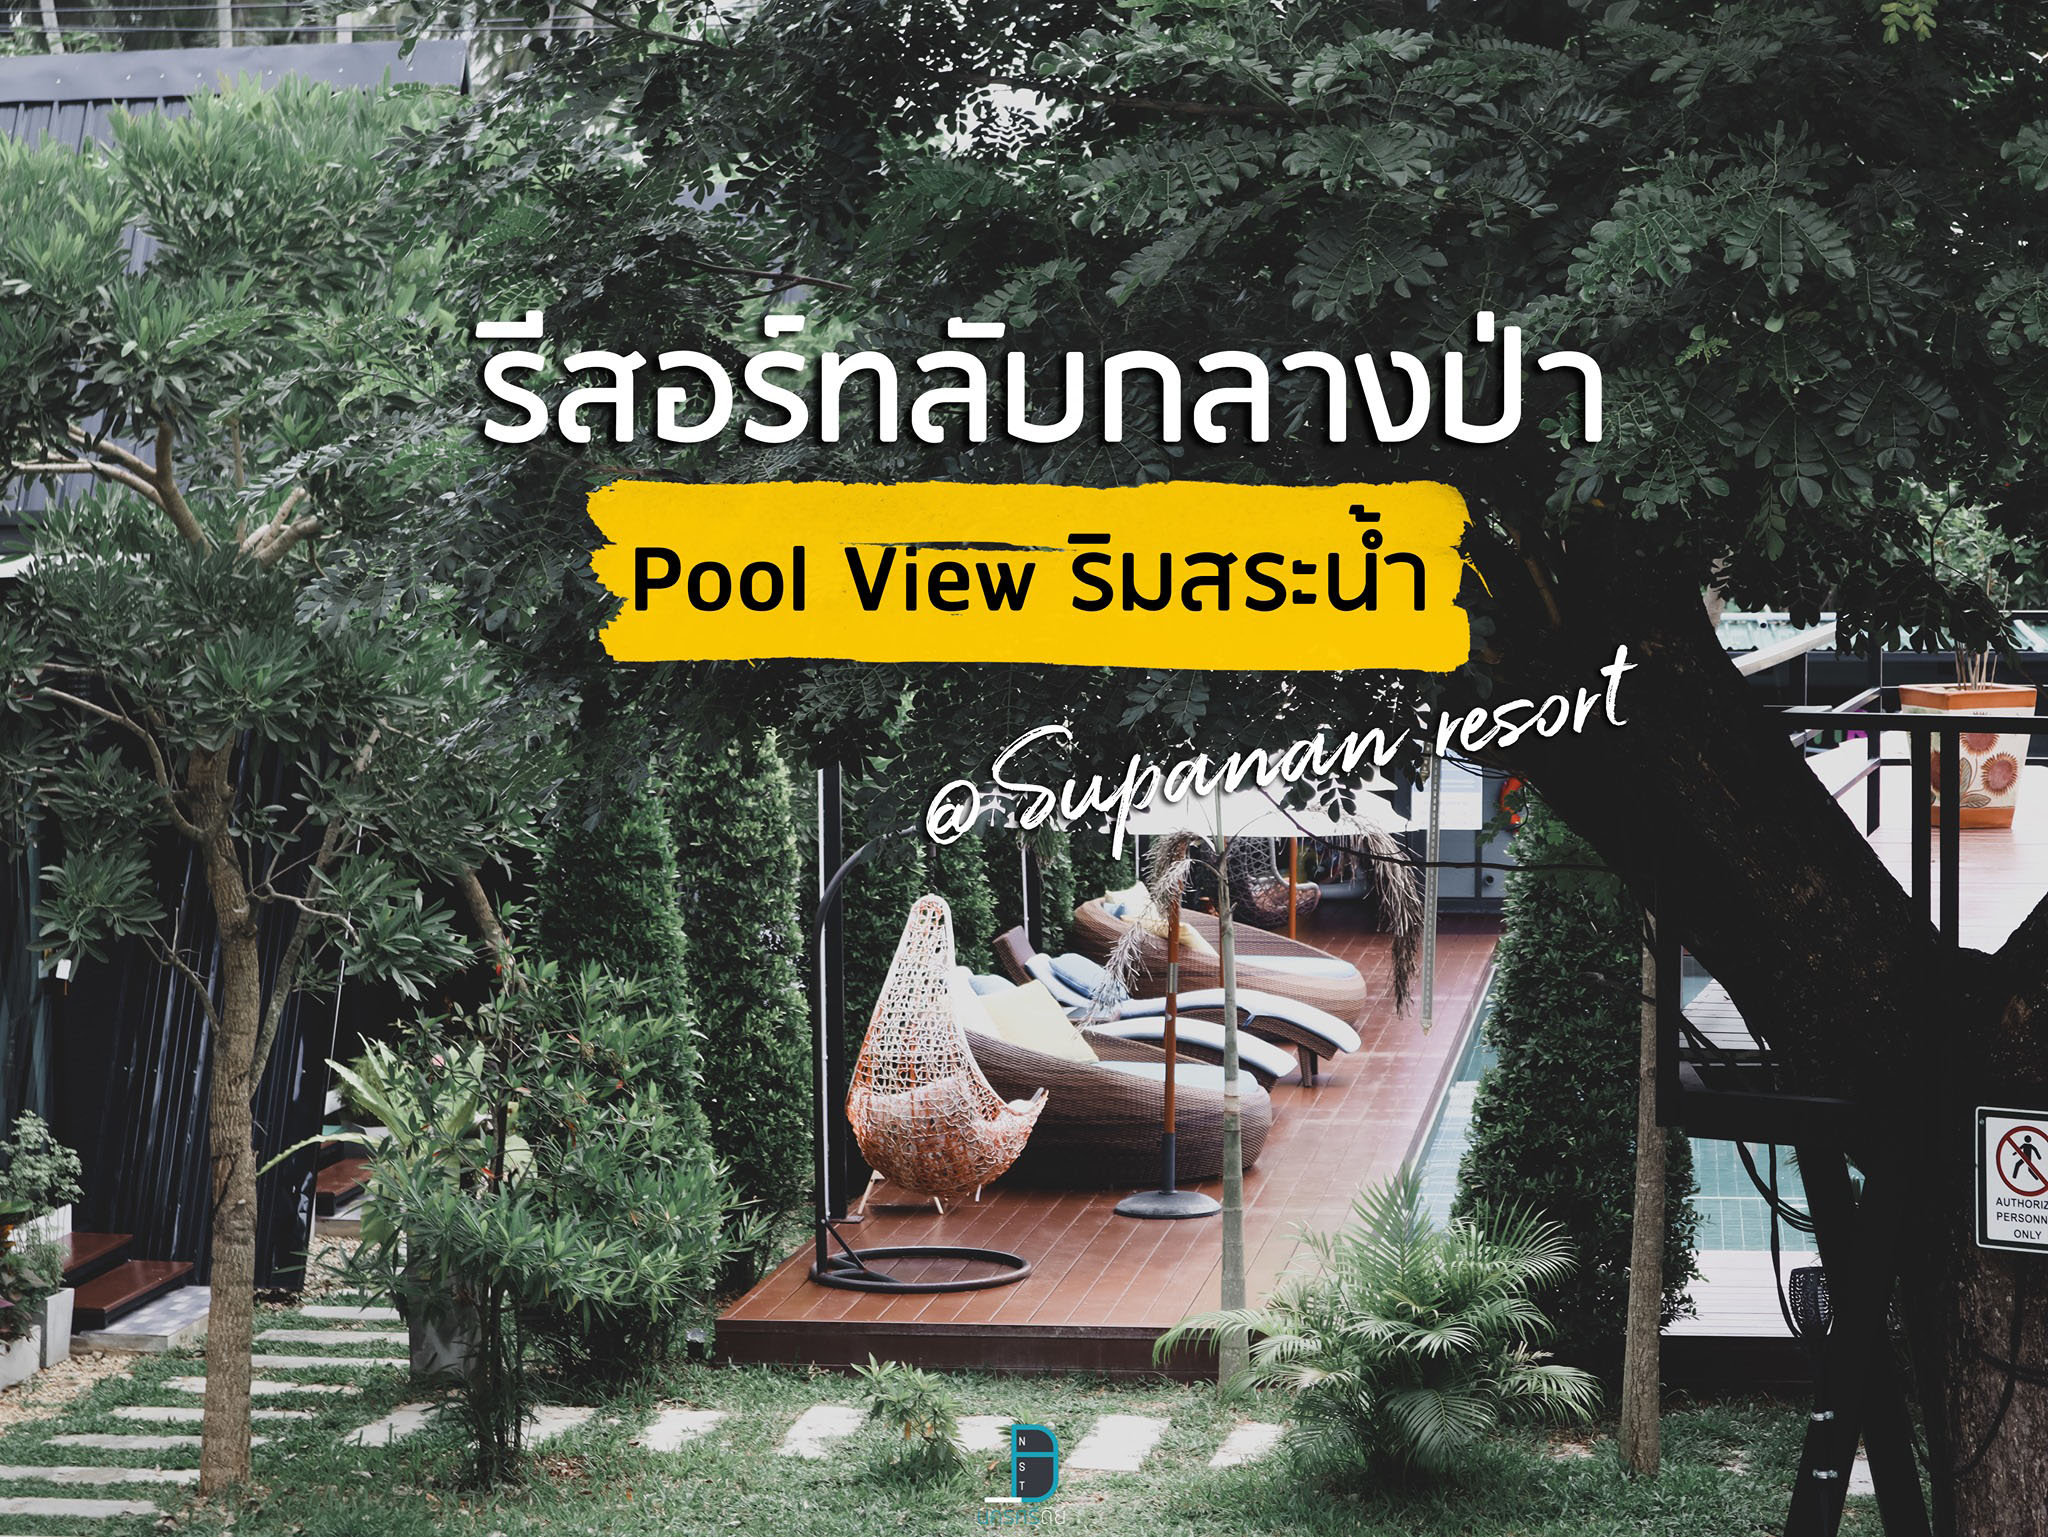 Supanan resort สุภานันท์รีสอร์ท พัทลุง ที่พักกลางป่าวิวสวย พร้อมสระว่ายน้ำ